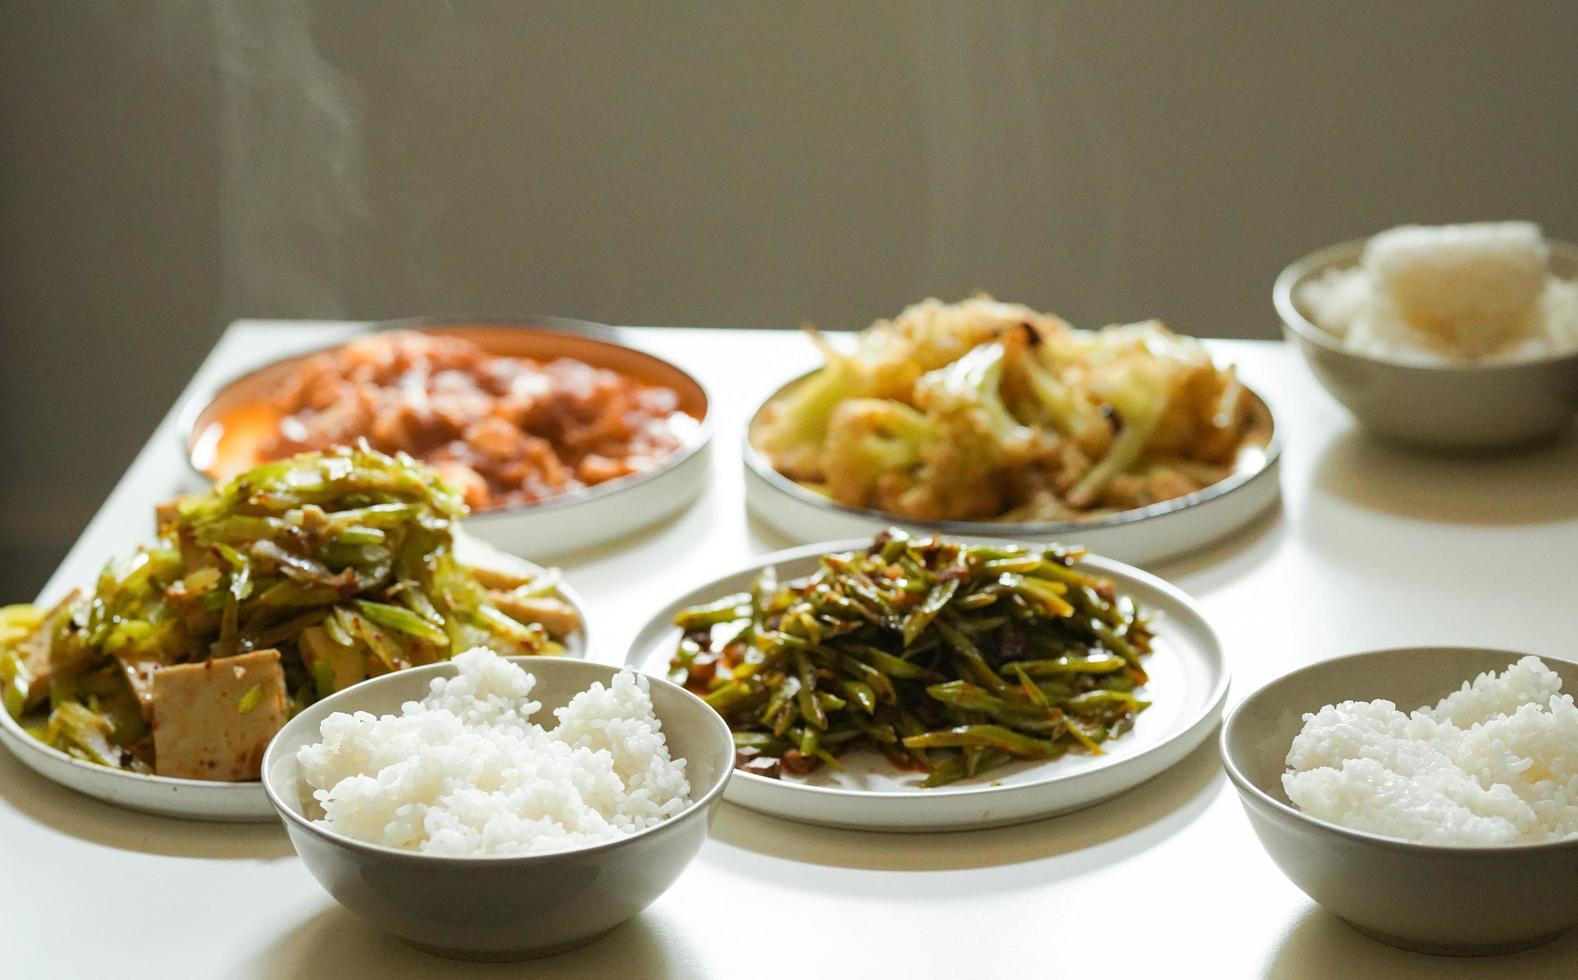 platos de cocina asiática en mesa foto